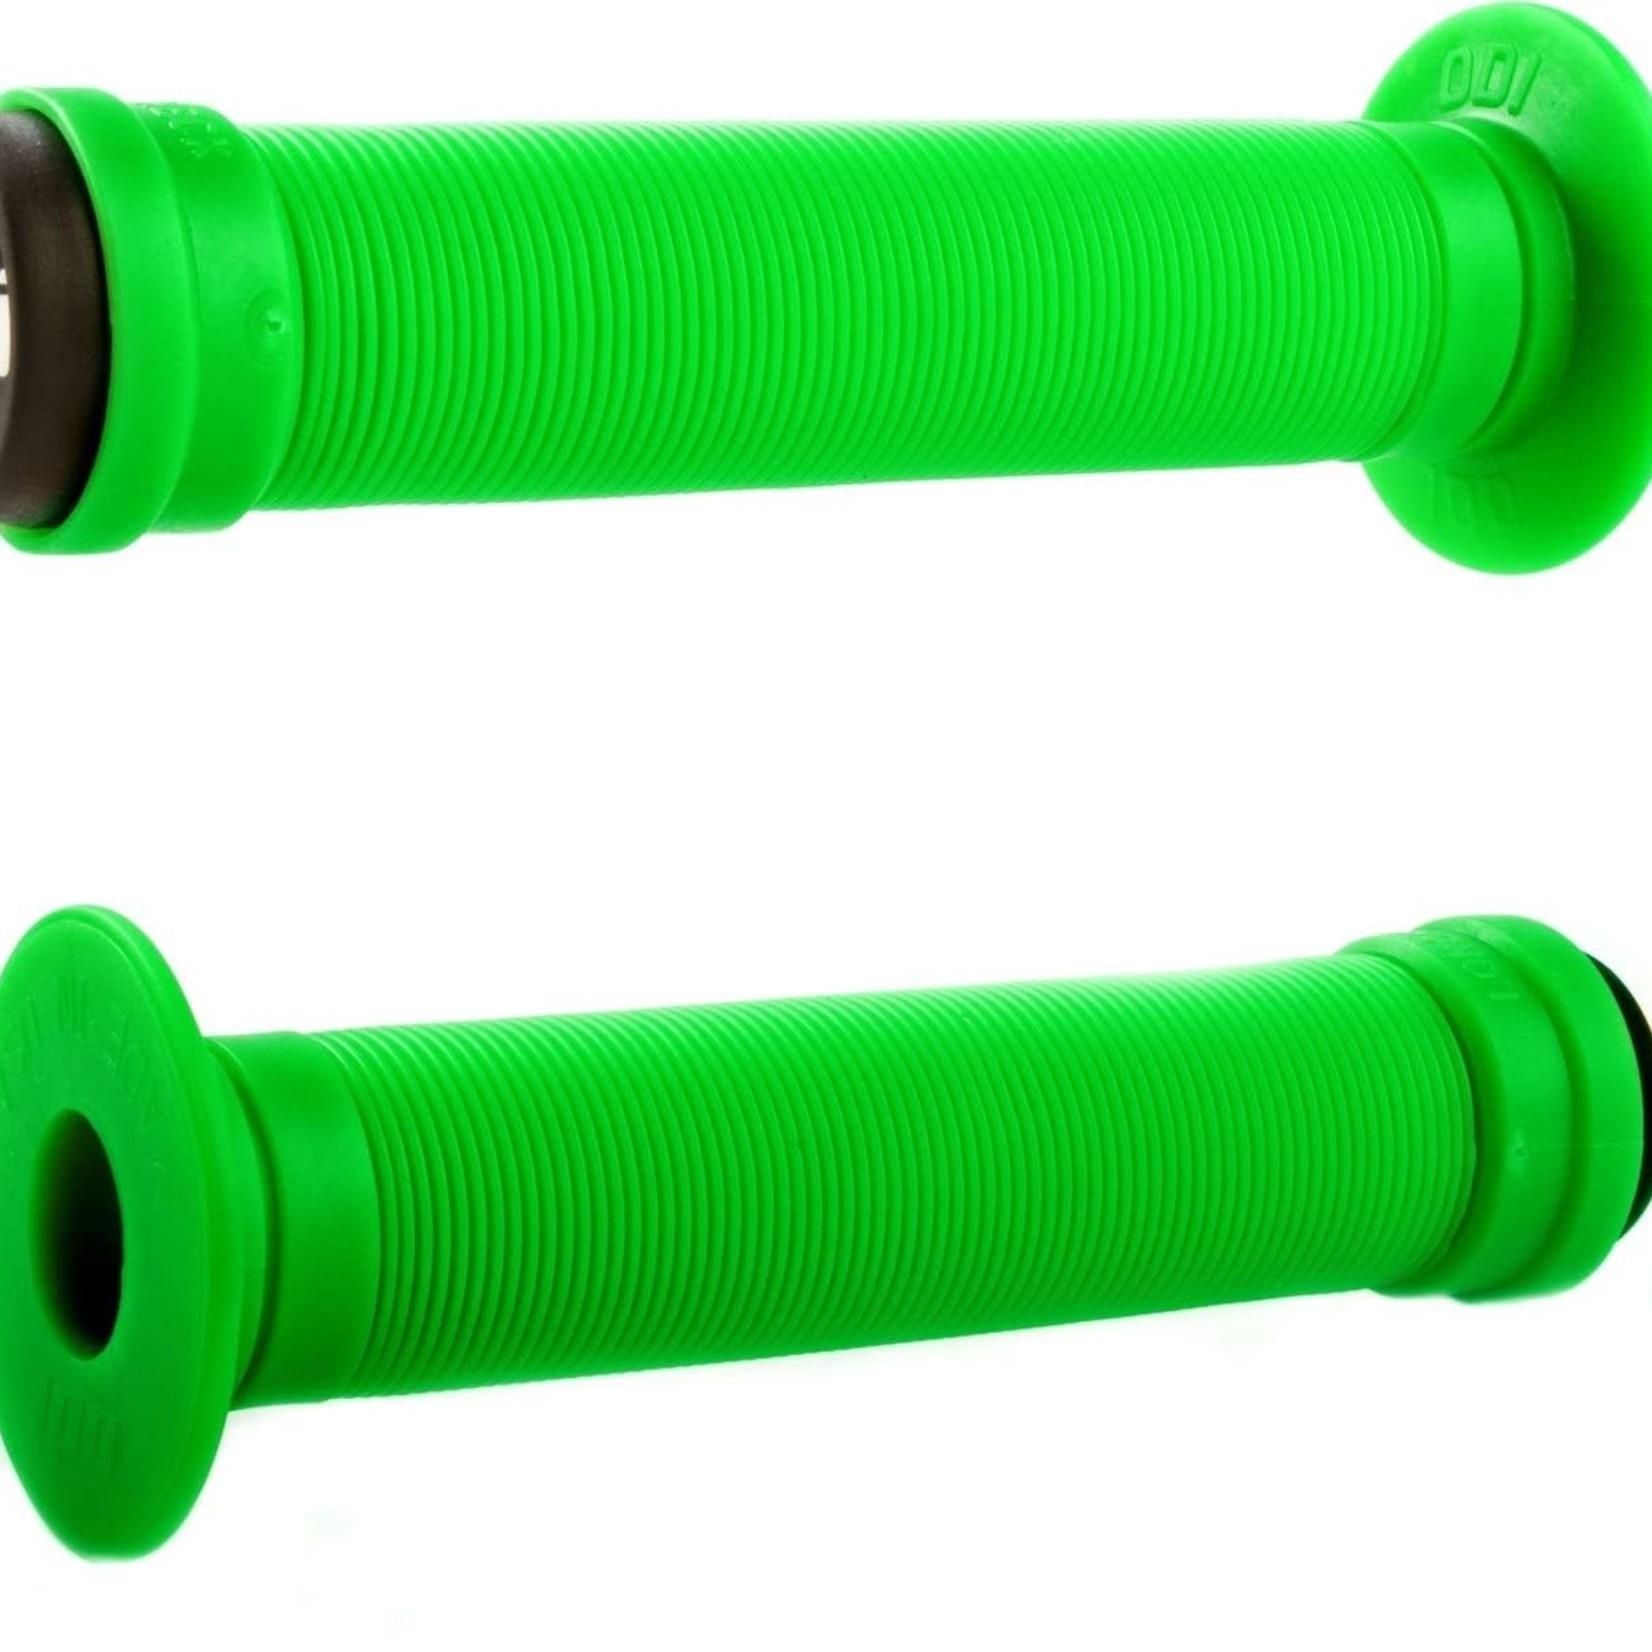 GRIPS ODI Longneck 143mm Green